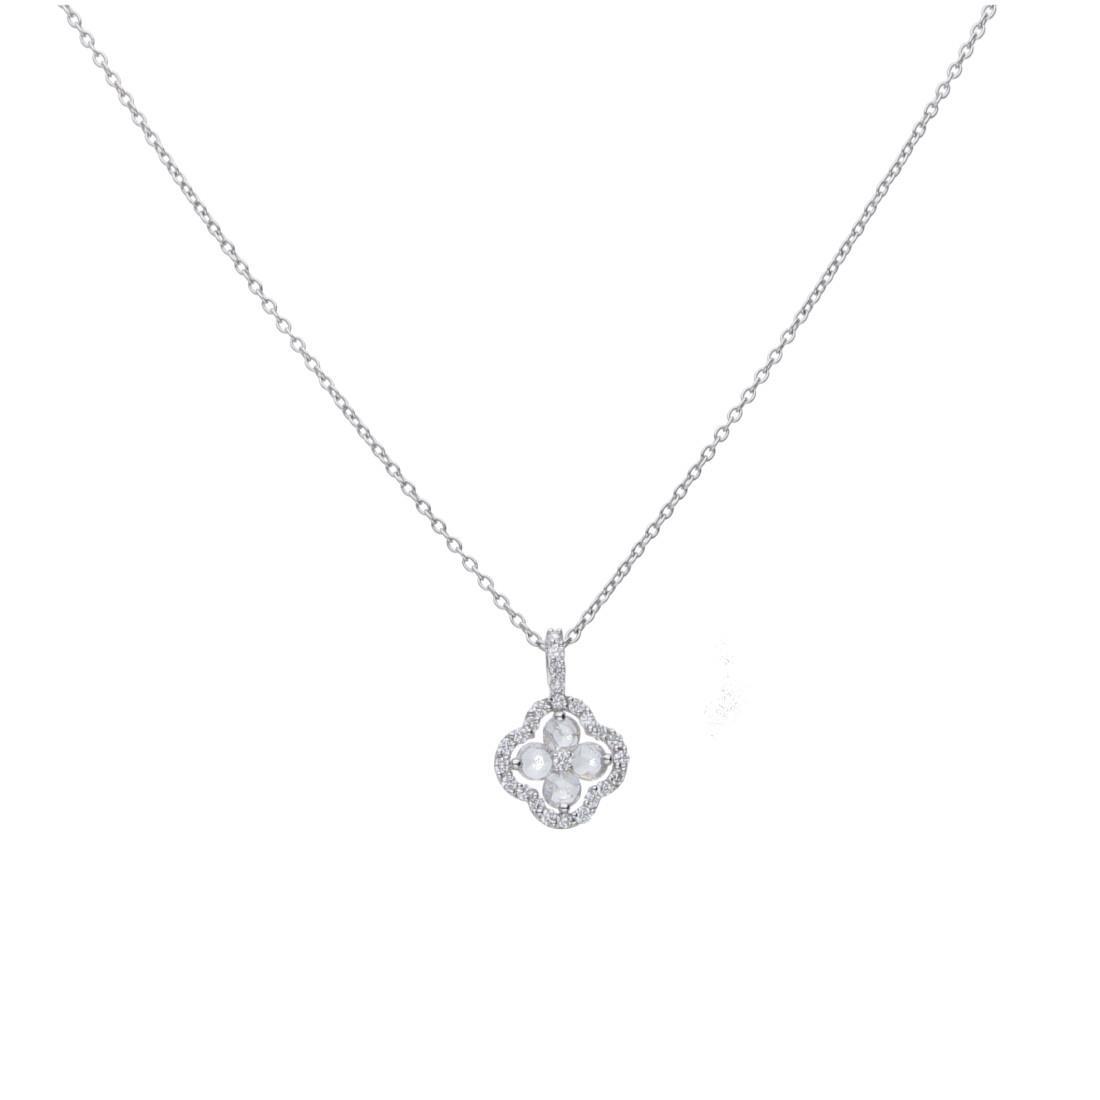 Collana con pendente design con diamanti - ALFIERI & ST. JOHN